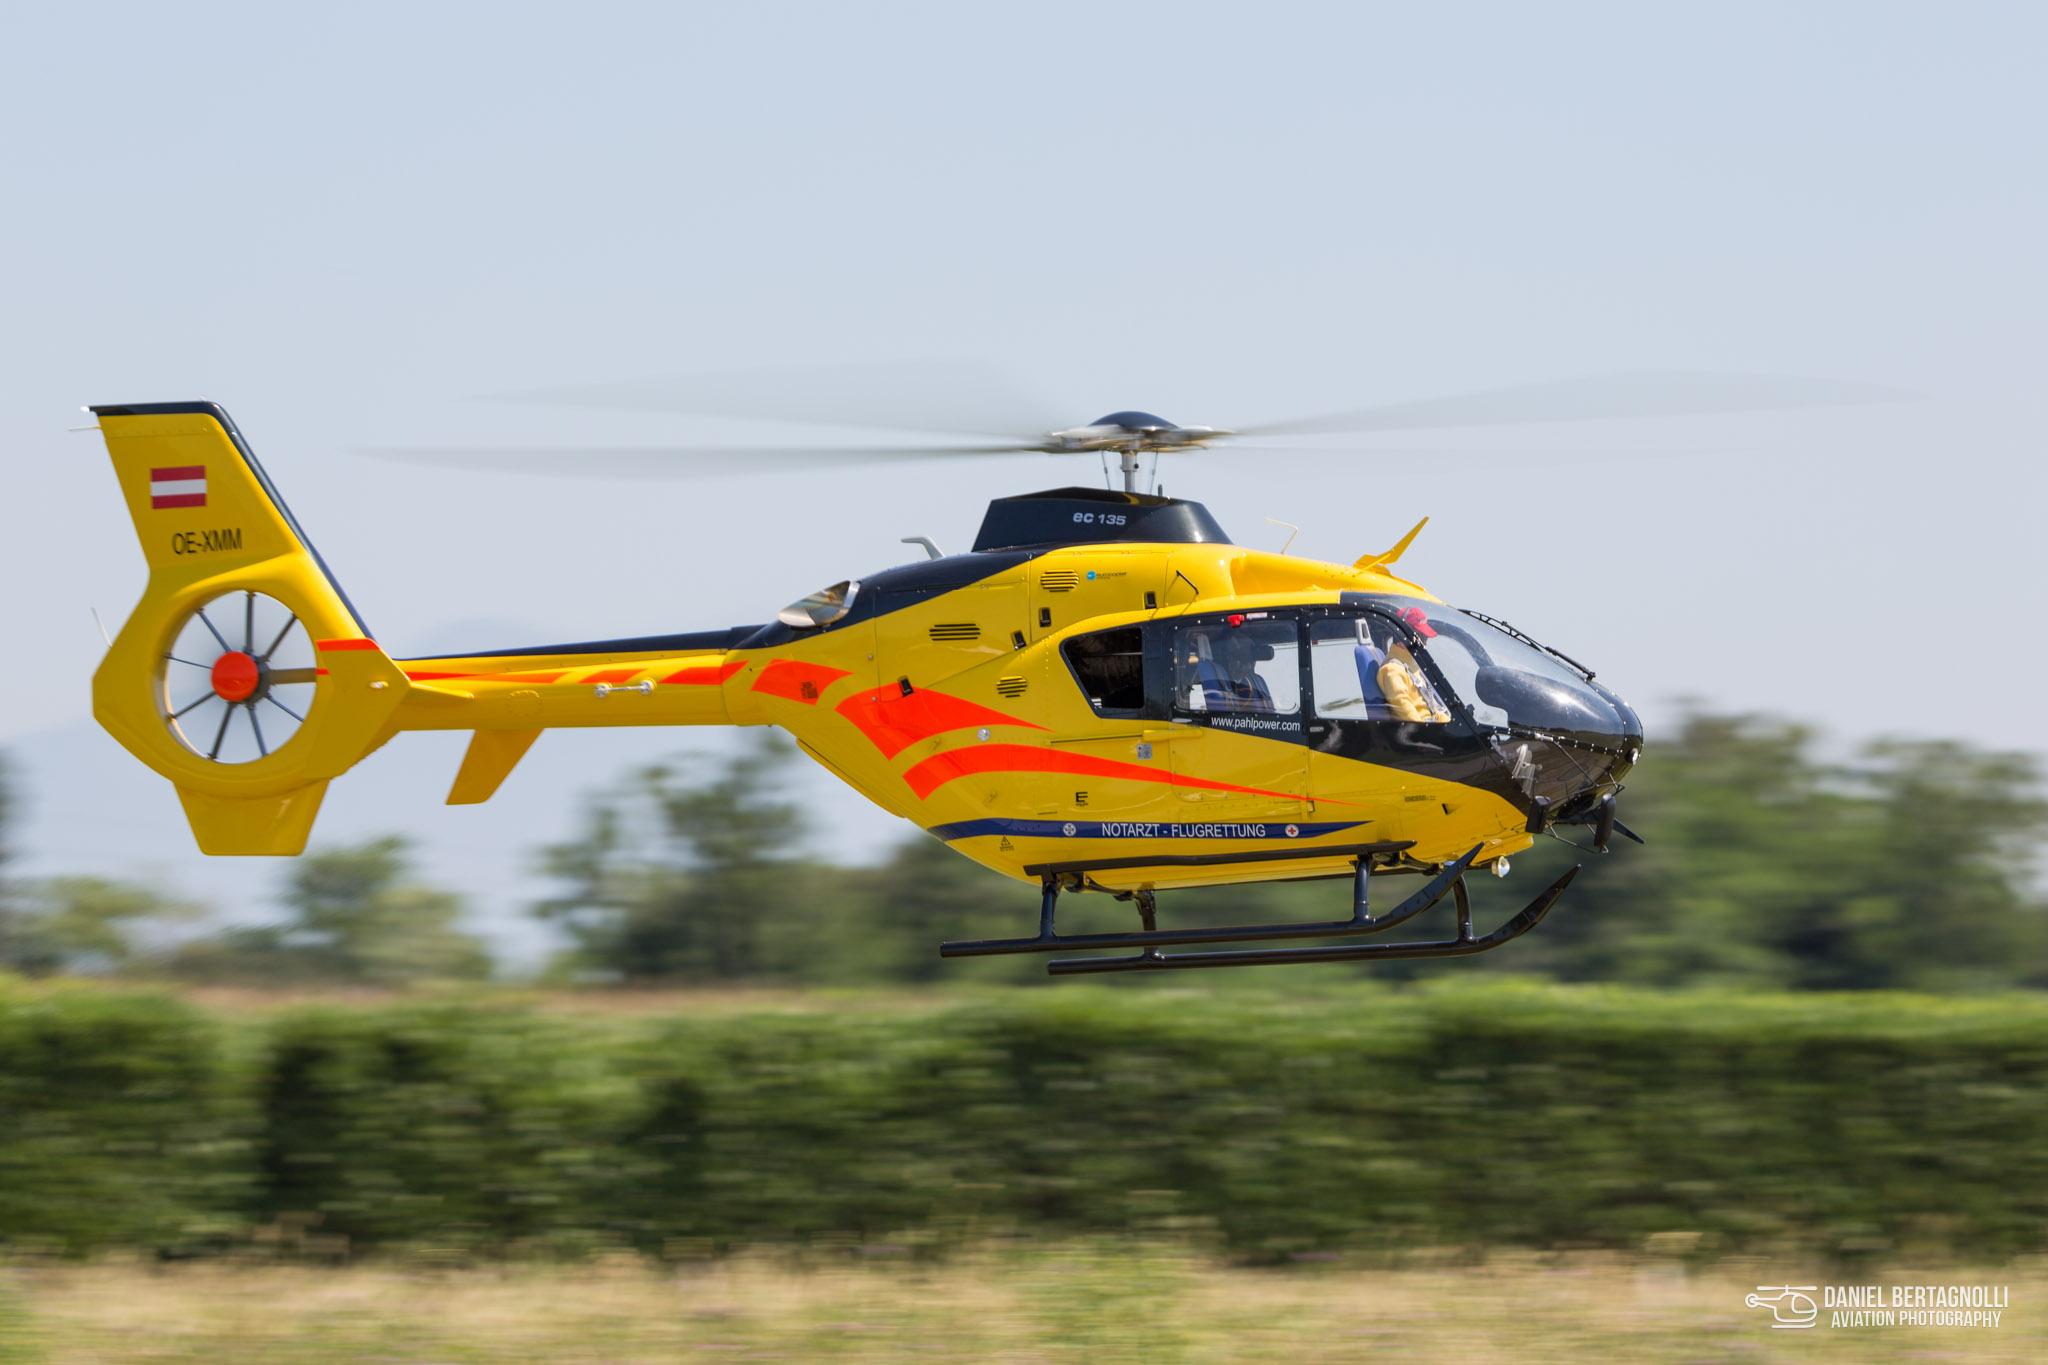 Non solo aerei ed elicotteri reali! Modellini realistici radio comandati